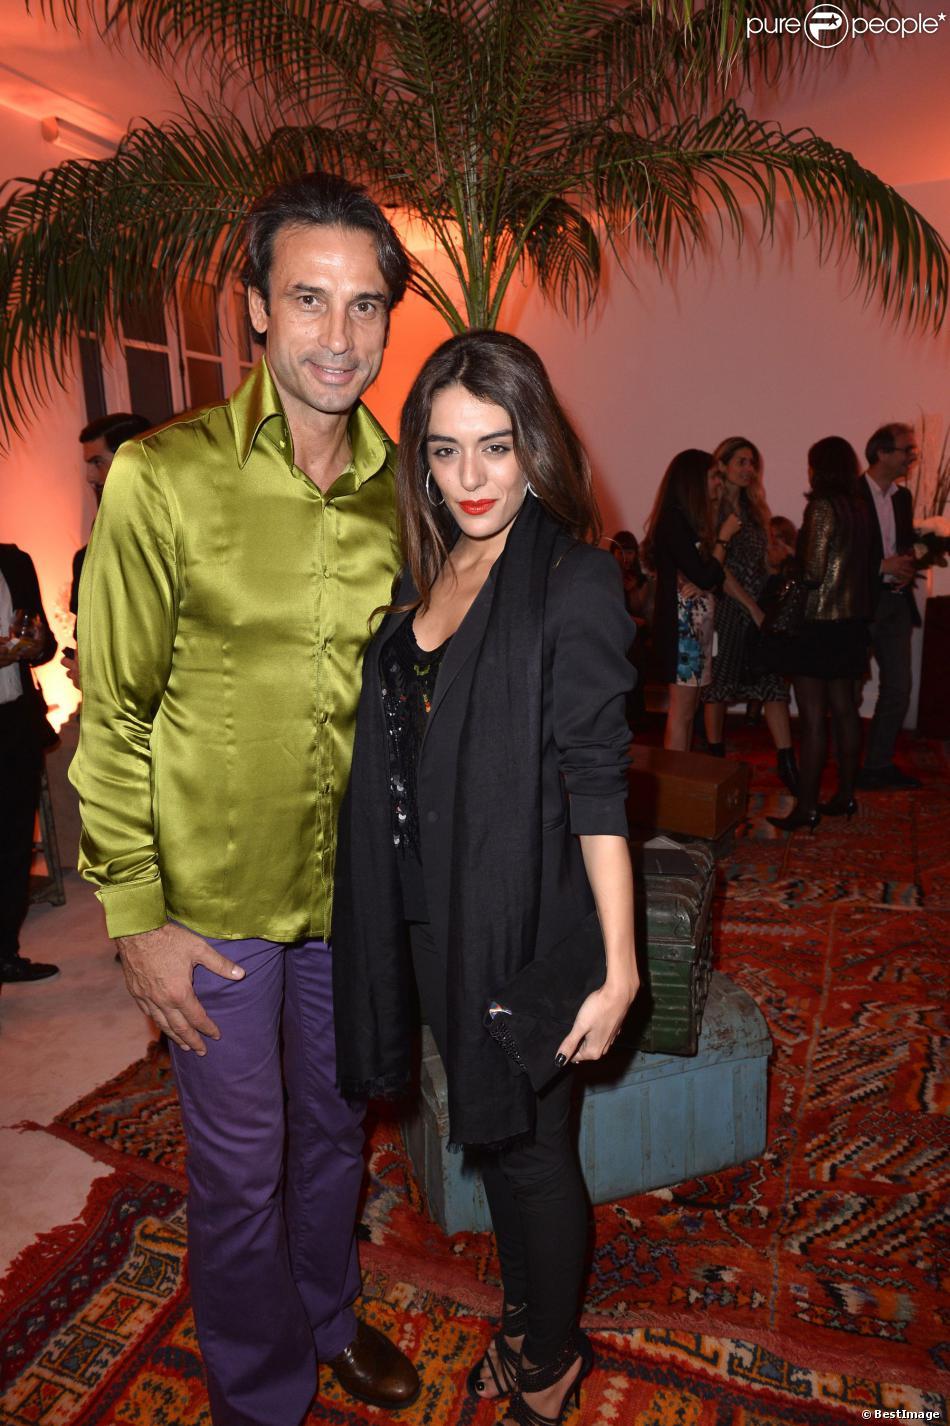 Adanan Taletovic et Sofia Essaidi au premier défilé de mode prêt à porter printemps-été 2014 du créateur Adnan Taletovic à Paris le 26 septembre 2013.